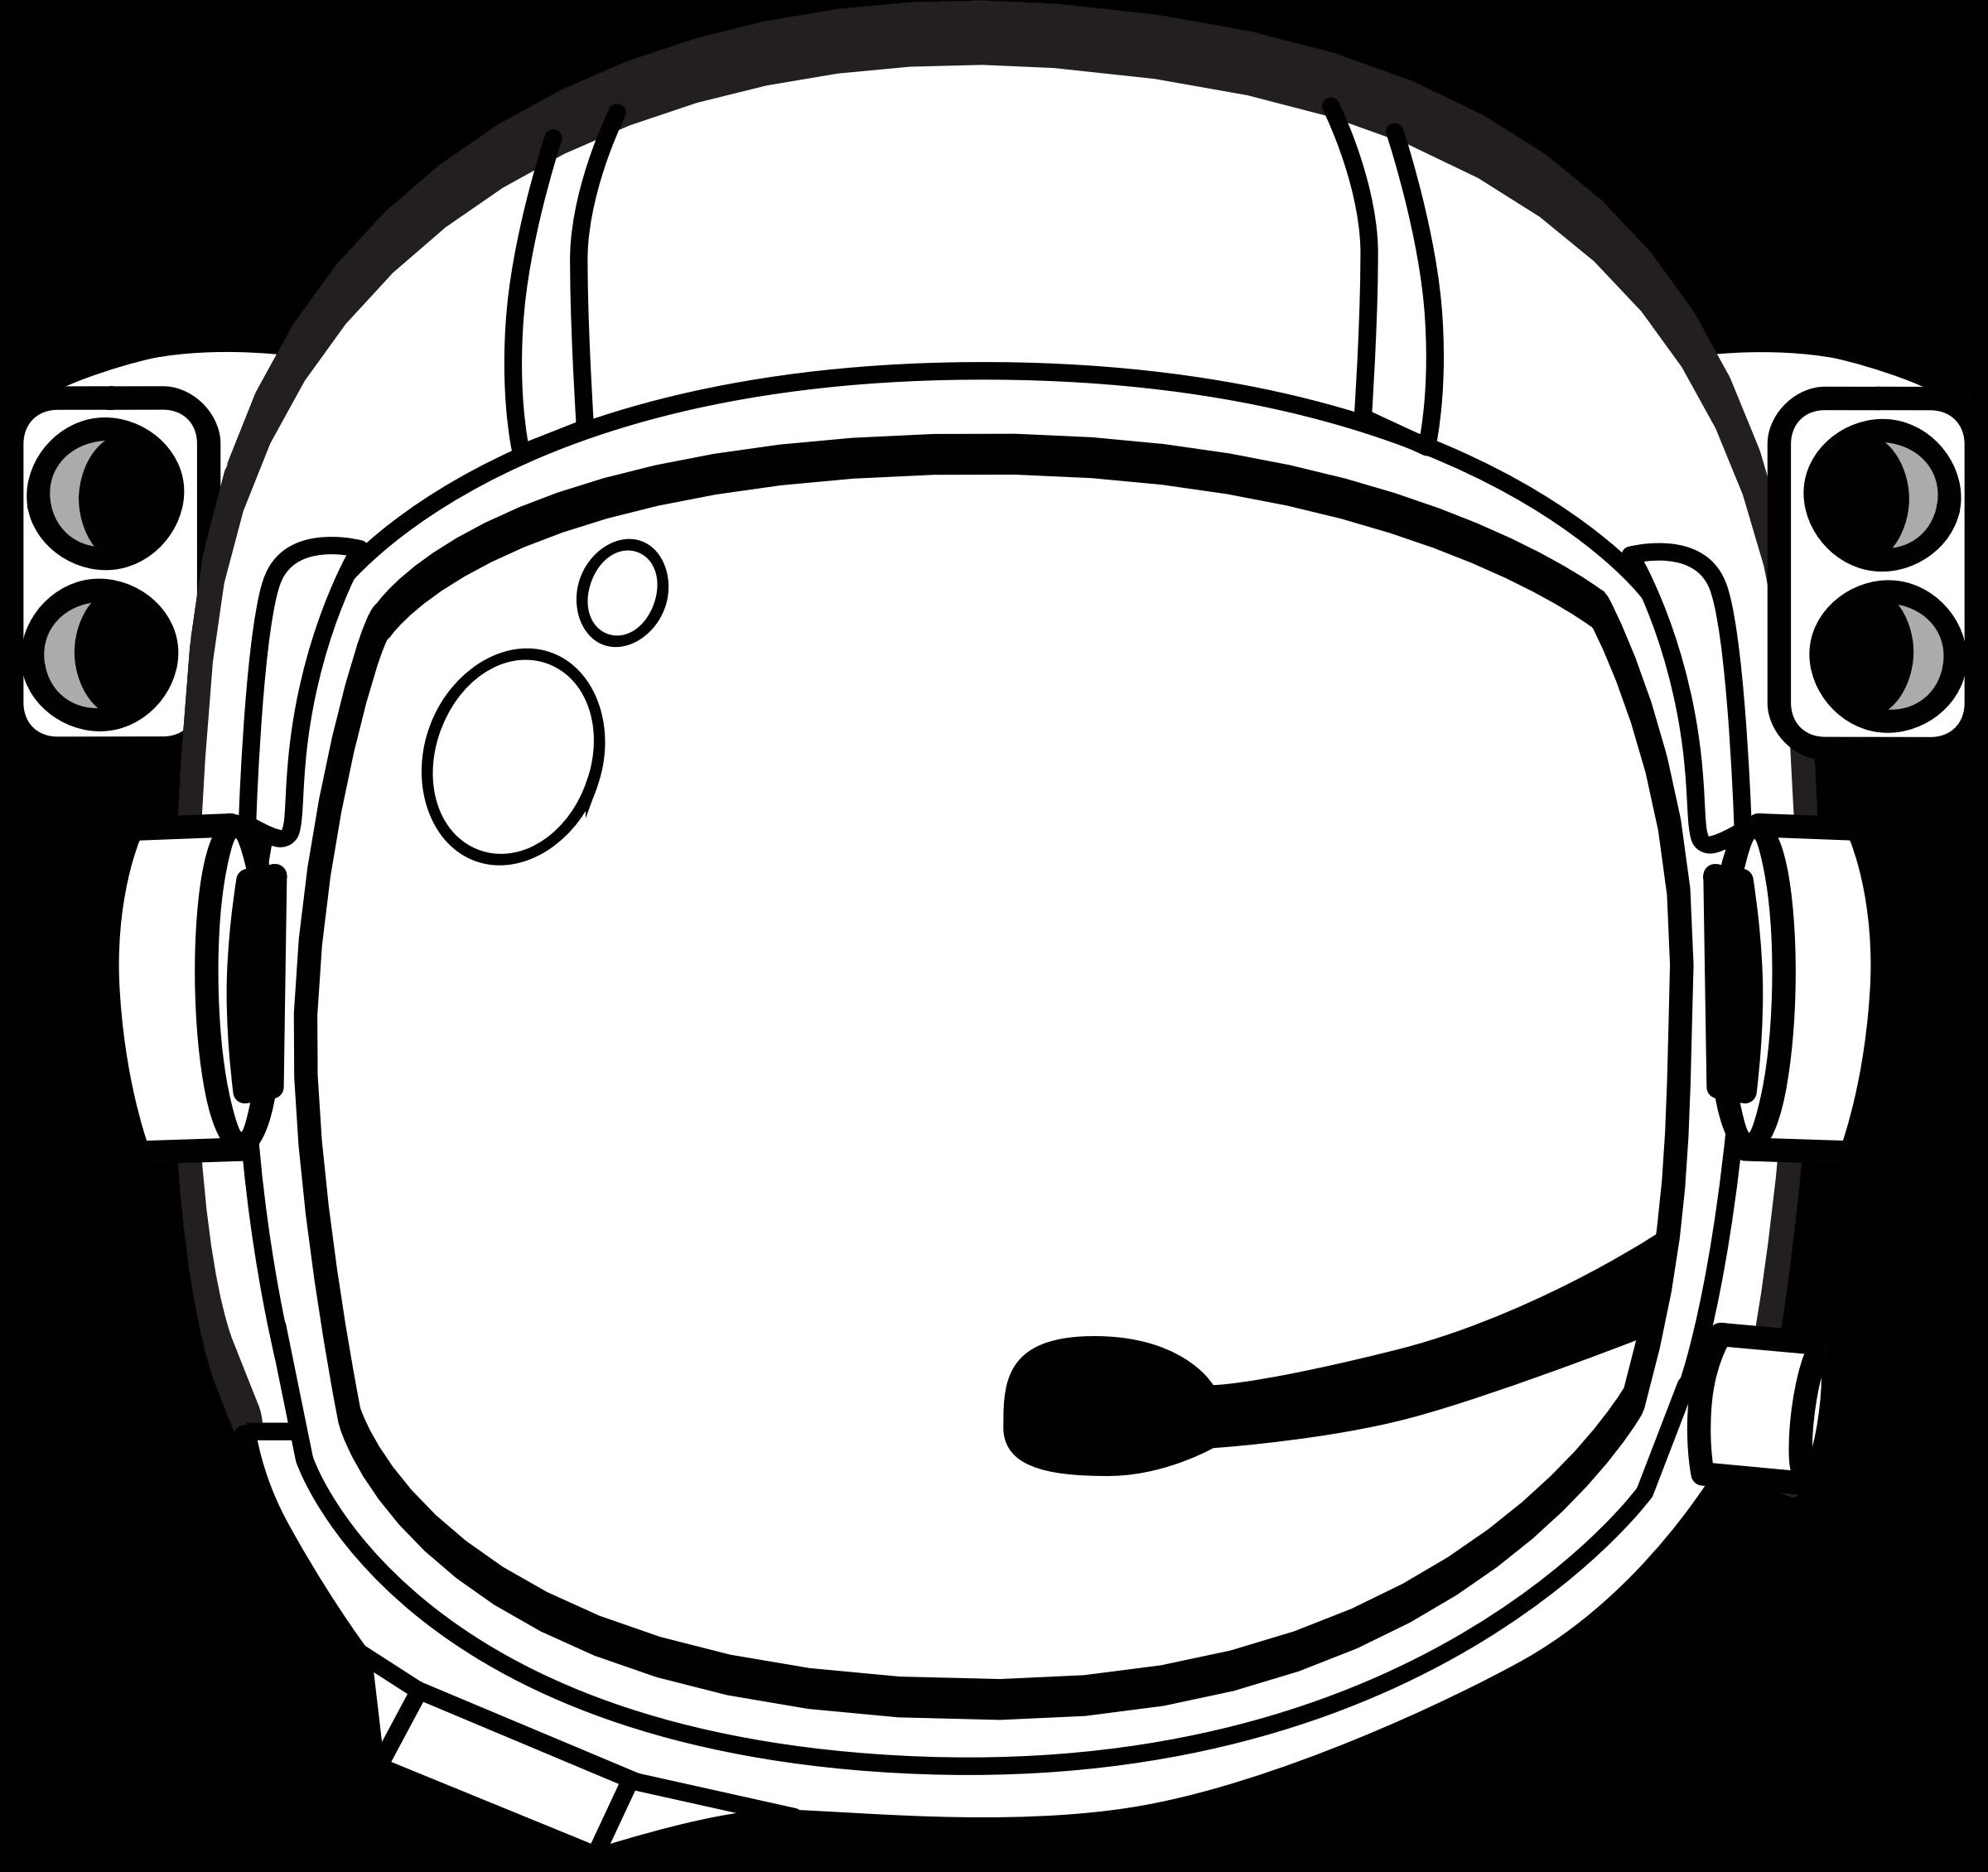 Astronaut clipart outline. S helmet big image